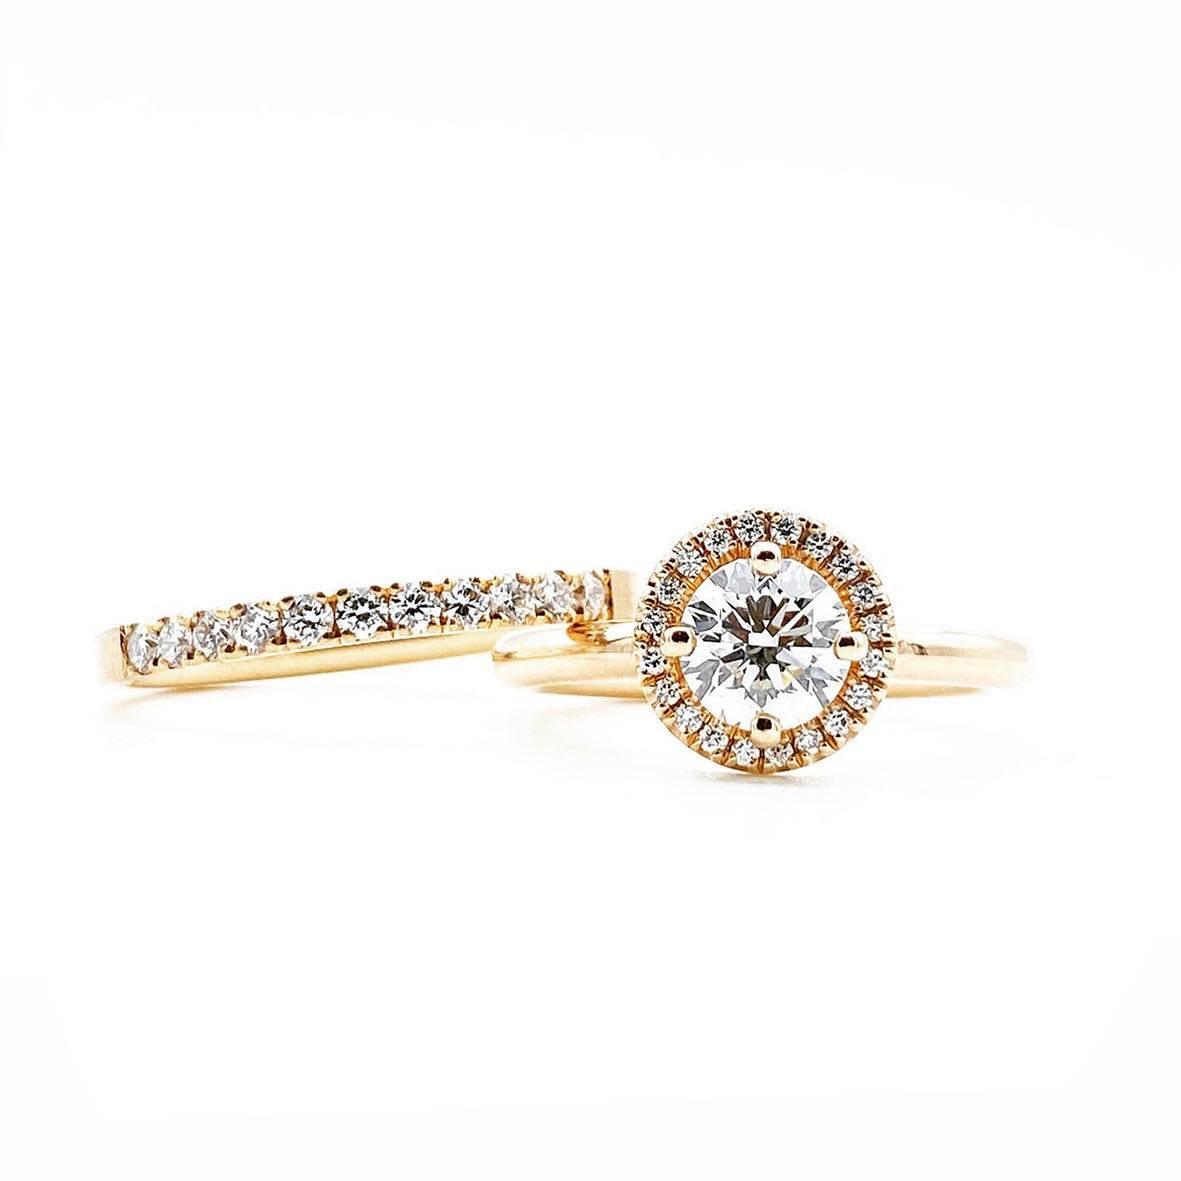 Juwelier Stefanie Condes - House of Weddings - 18